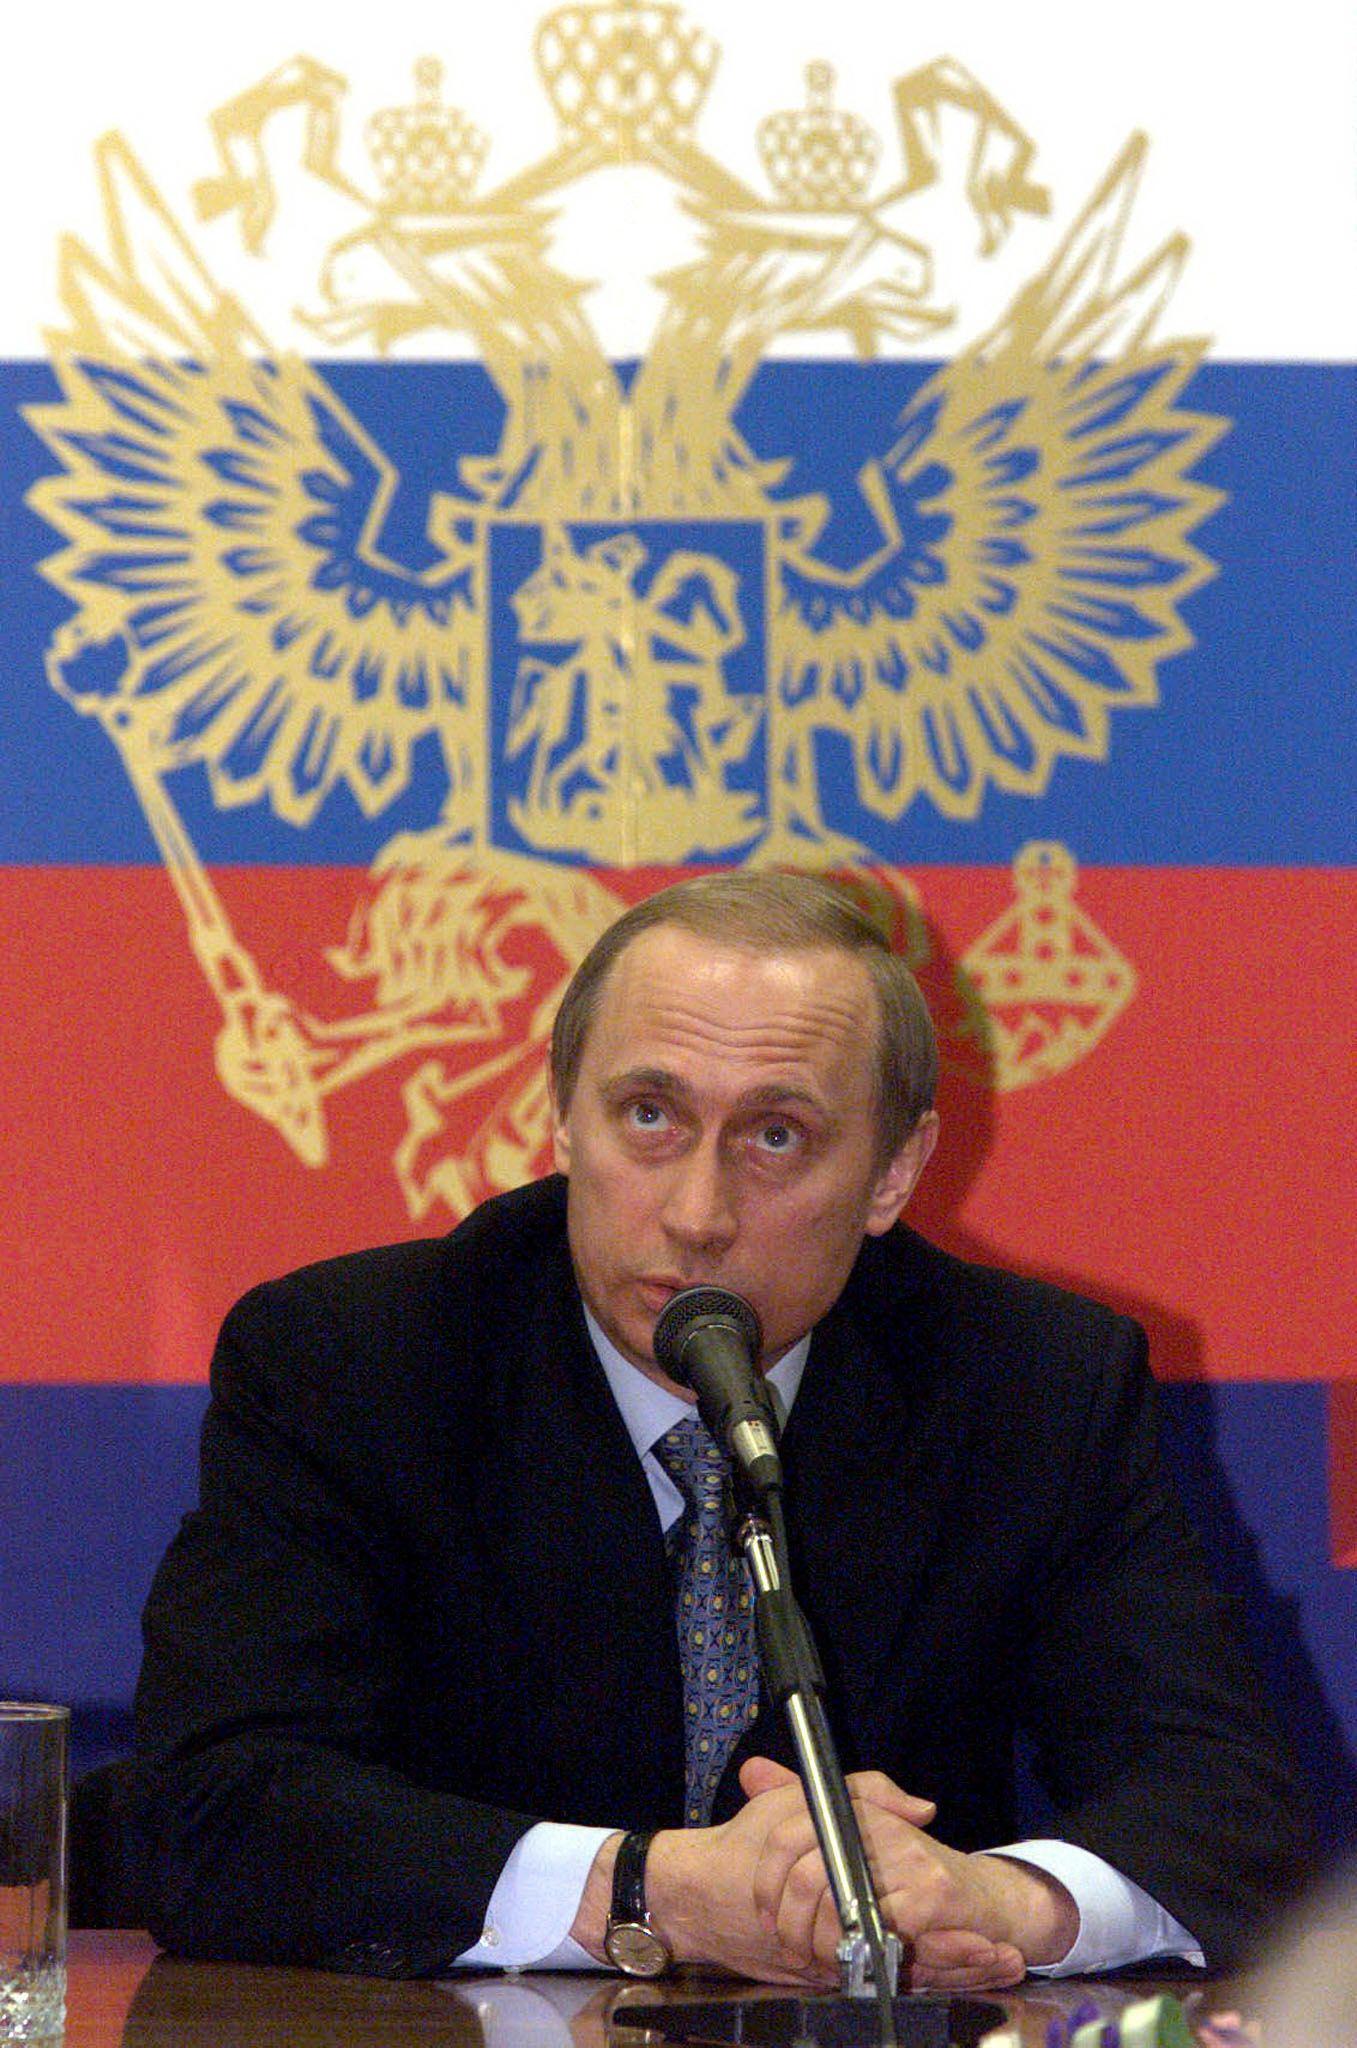 2000년 3월 21일, 블라디미르 푸틴 러시아 대통령 권한대행이 노브고라드에서 연 기자회견에서 기자들의 질문에 답변하고 있다. [AFP=연합뉴스]